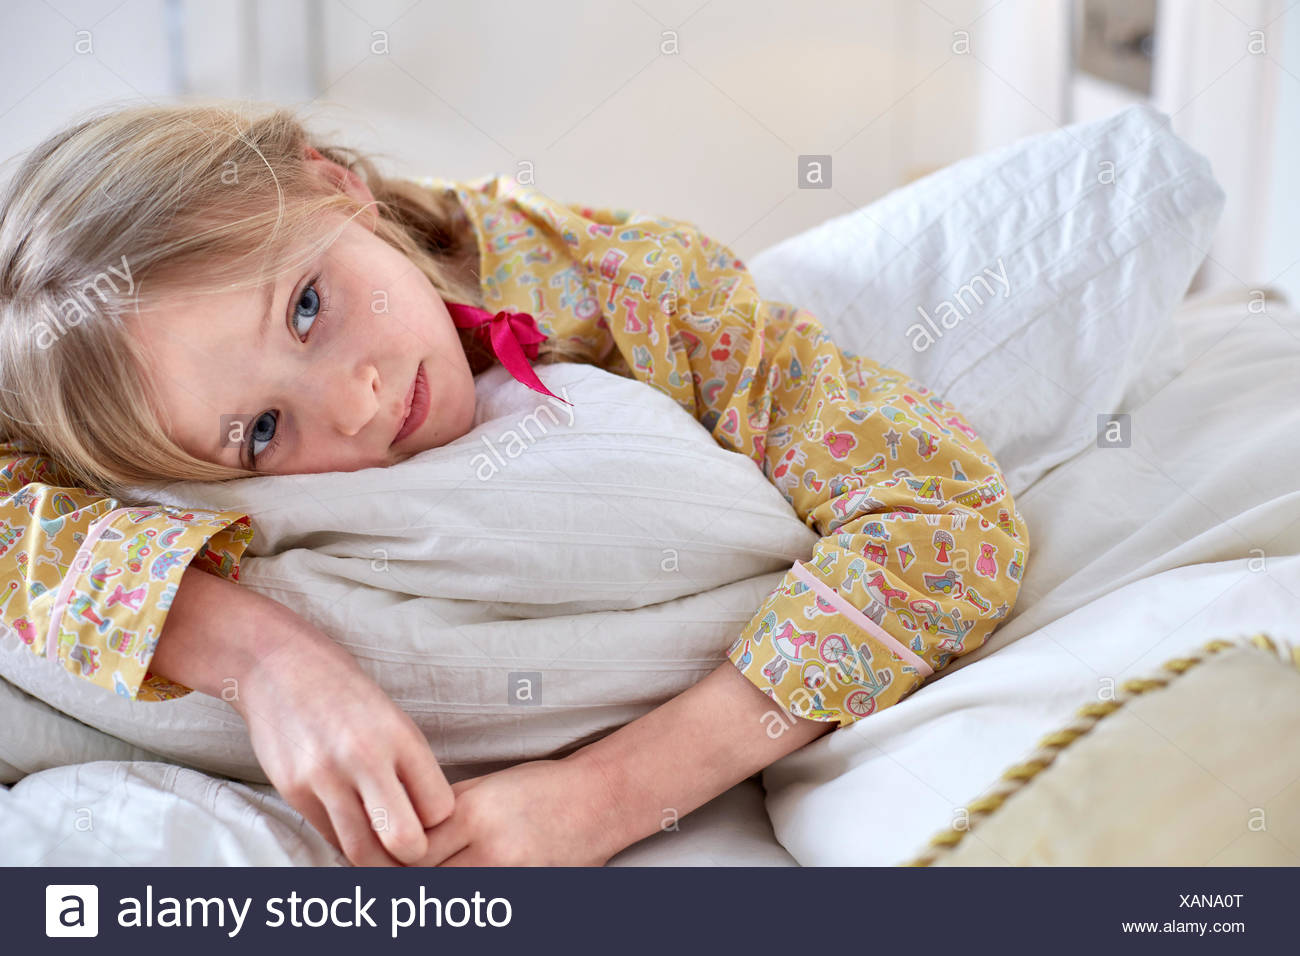 Girl in pyjamas day-dreaming in bed - Stock Image